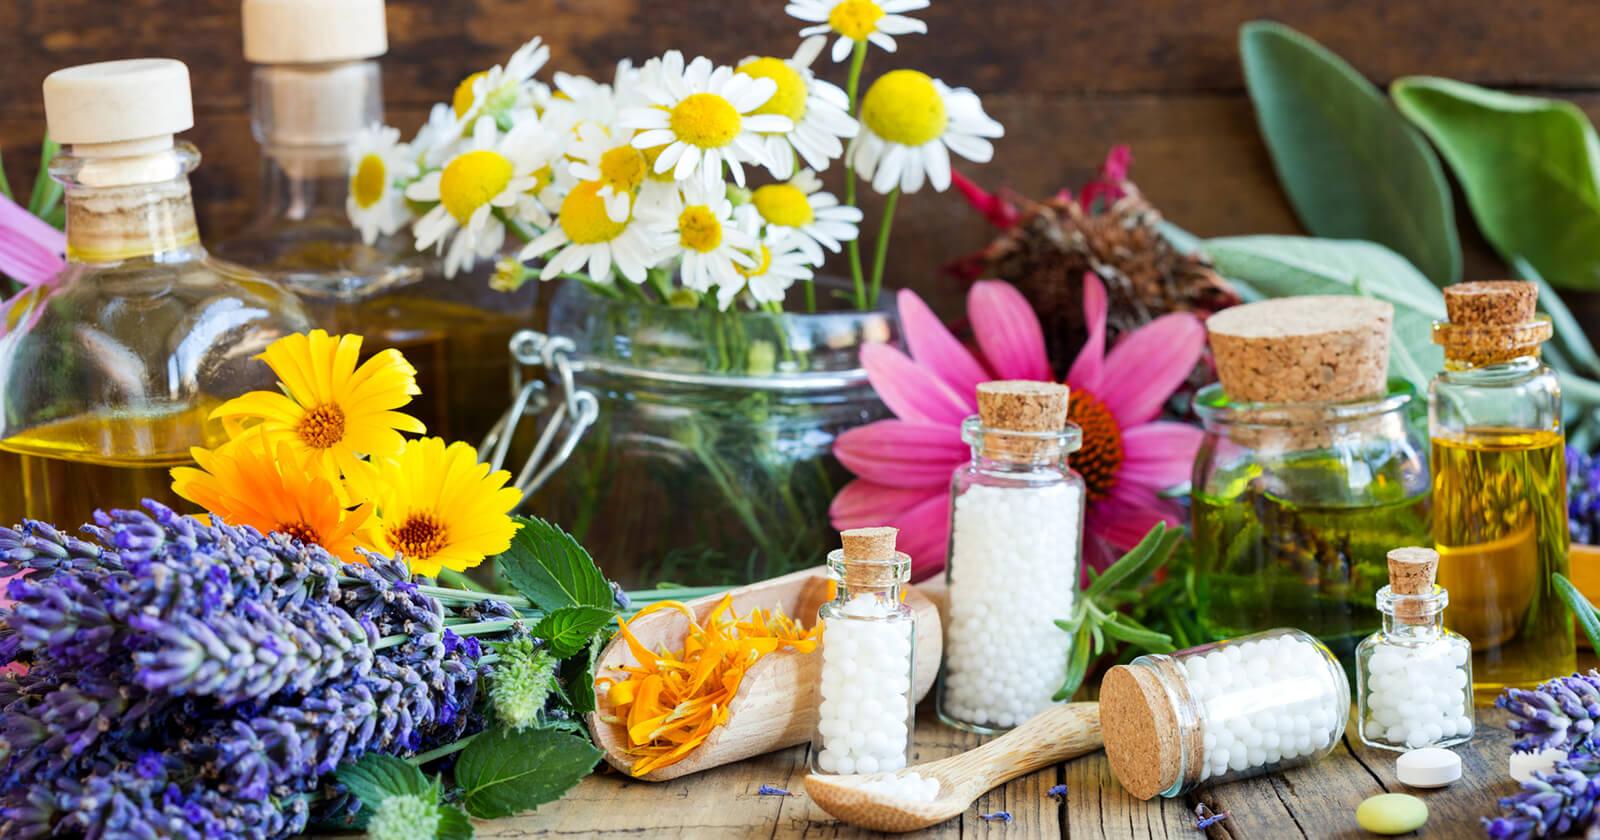 Heilpflanzen Für Magen & Darm Natürliche Hilfe